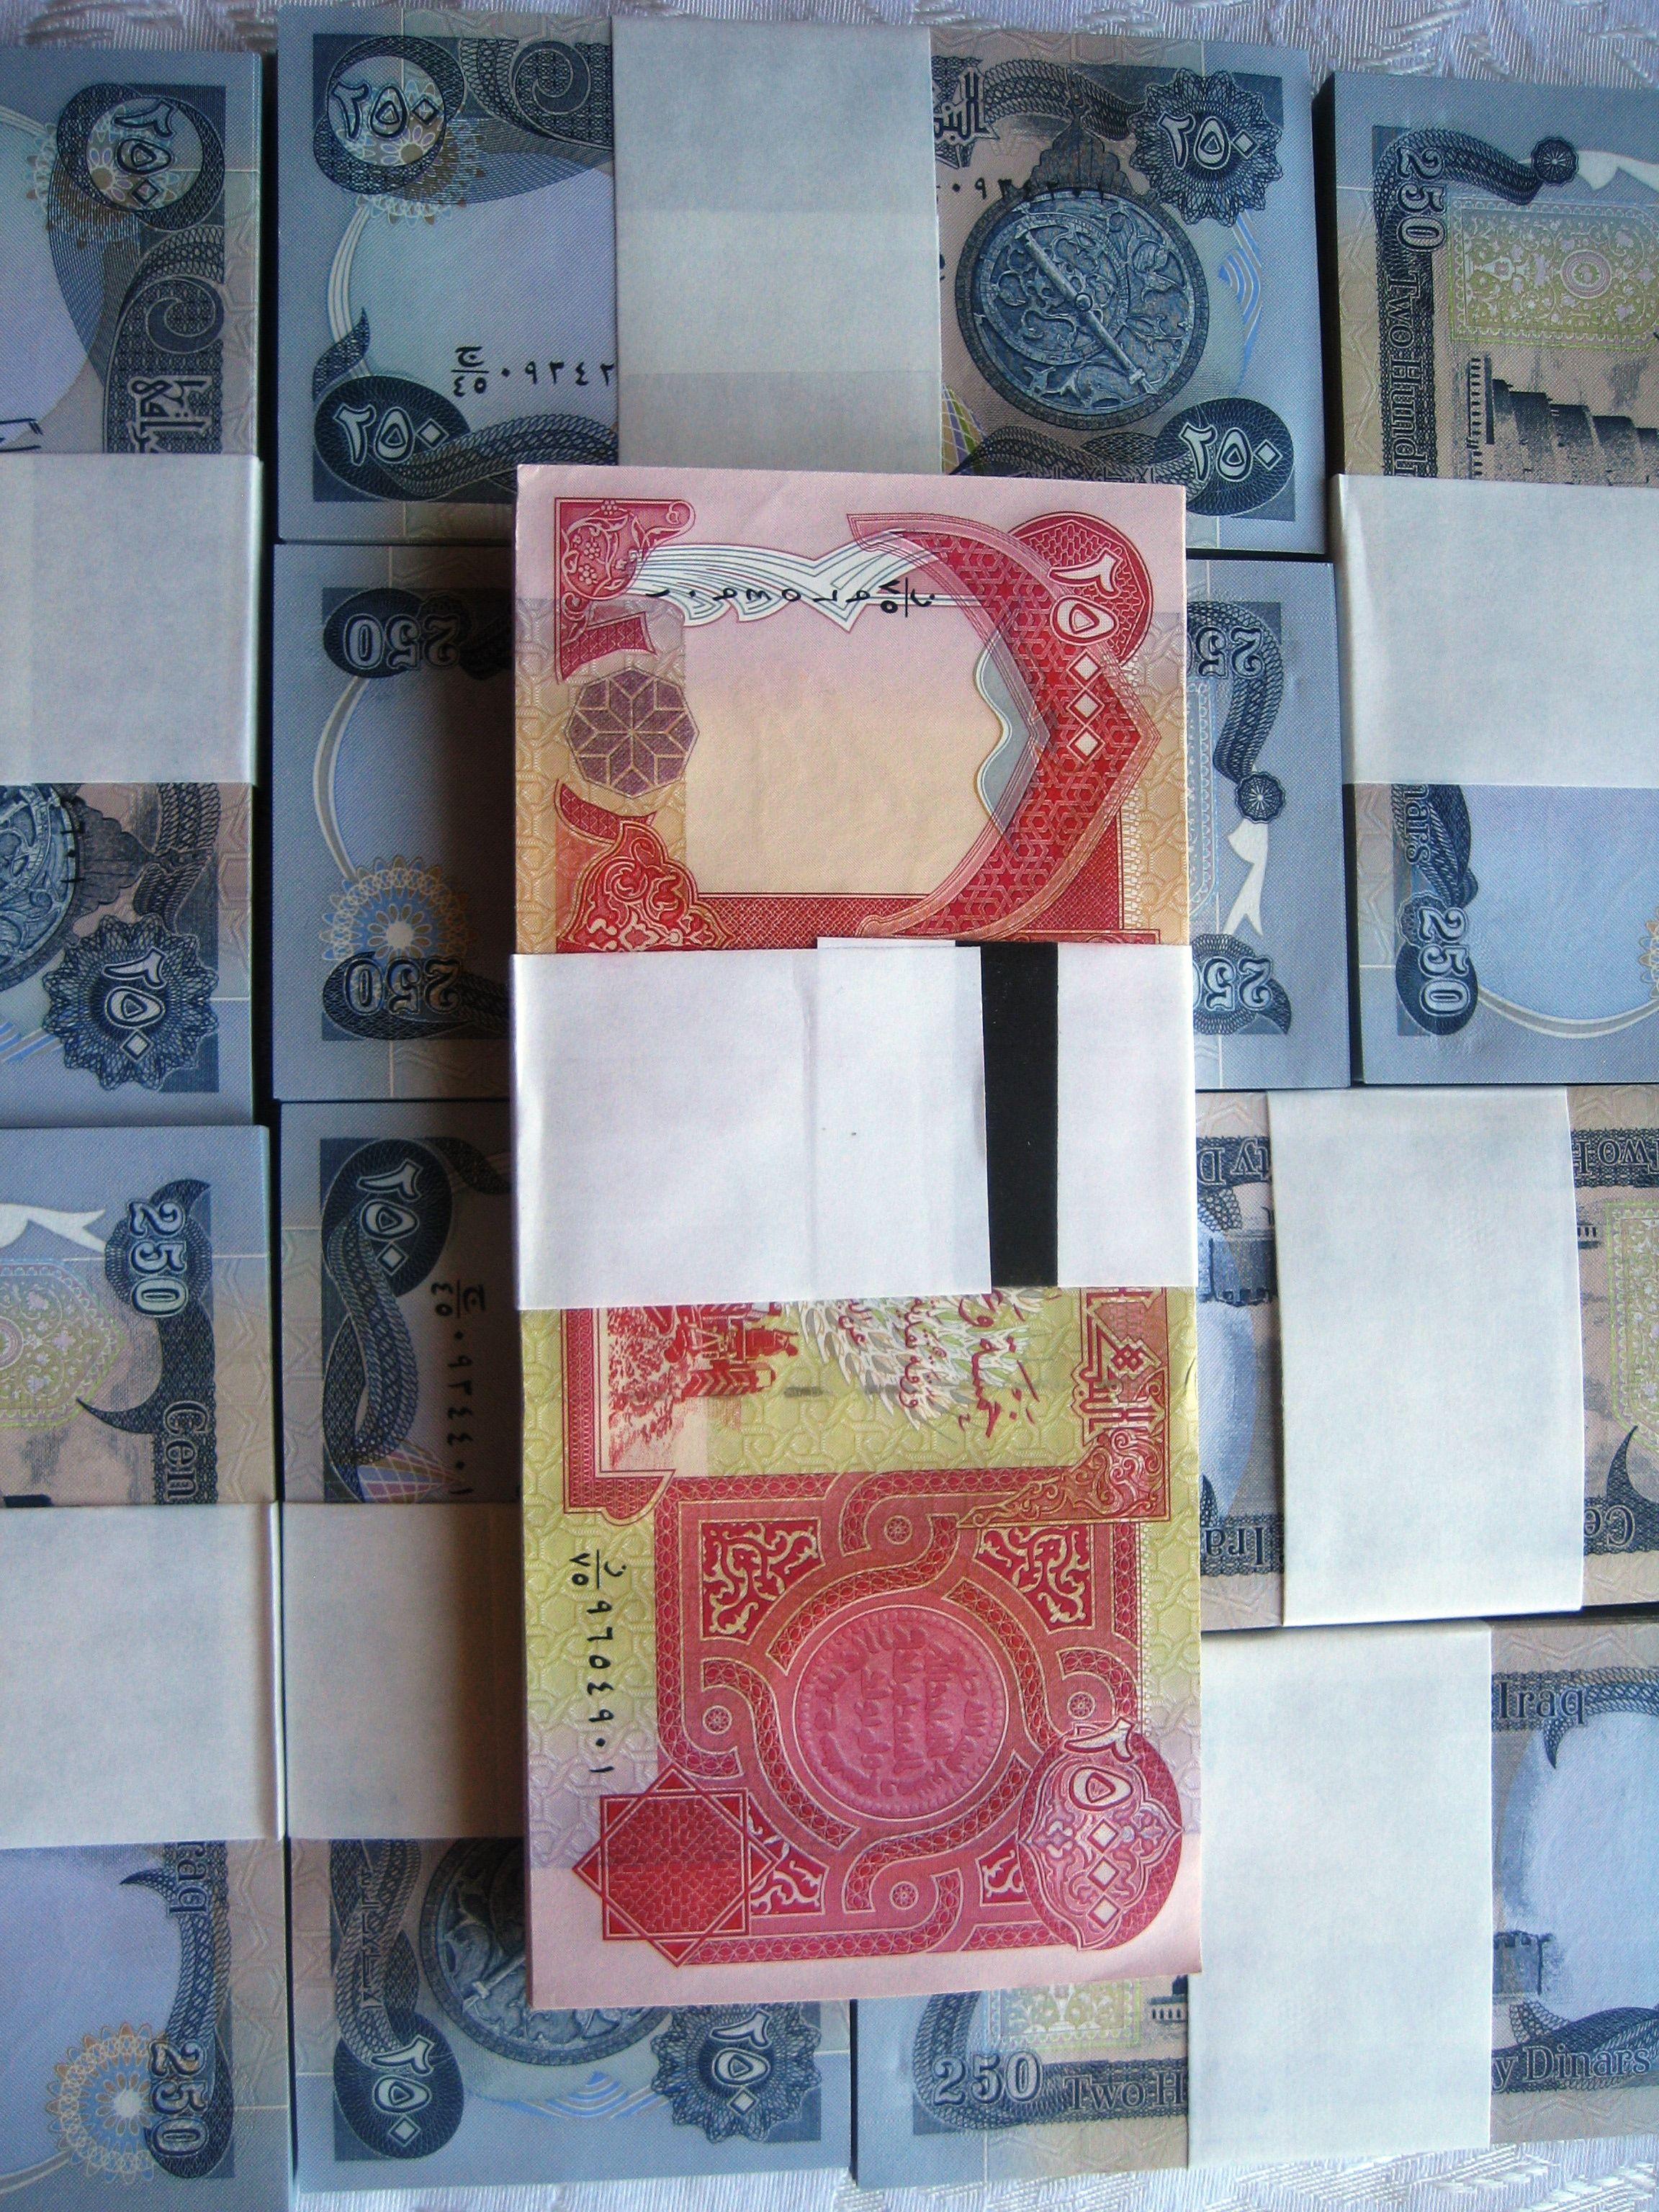 Iraqi Dinar 25,000 and 5,000 Notes Bundles BuyIraqiDinarHere Com